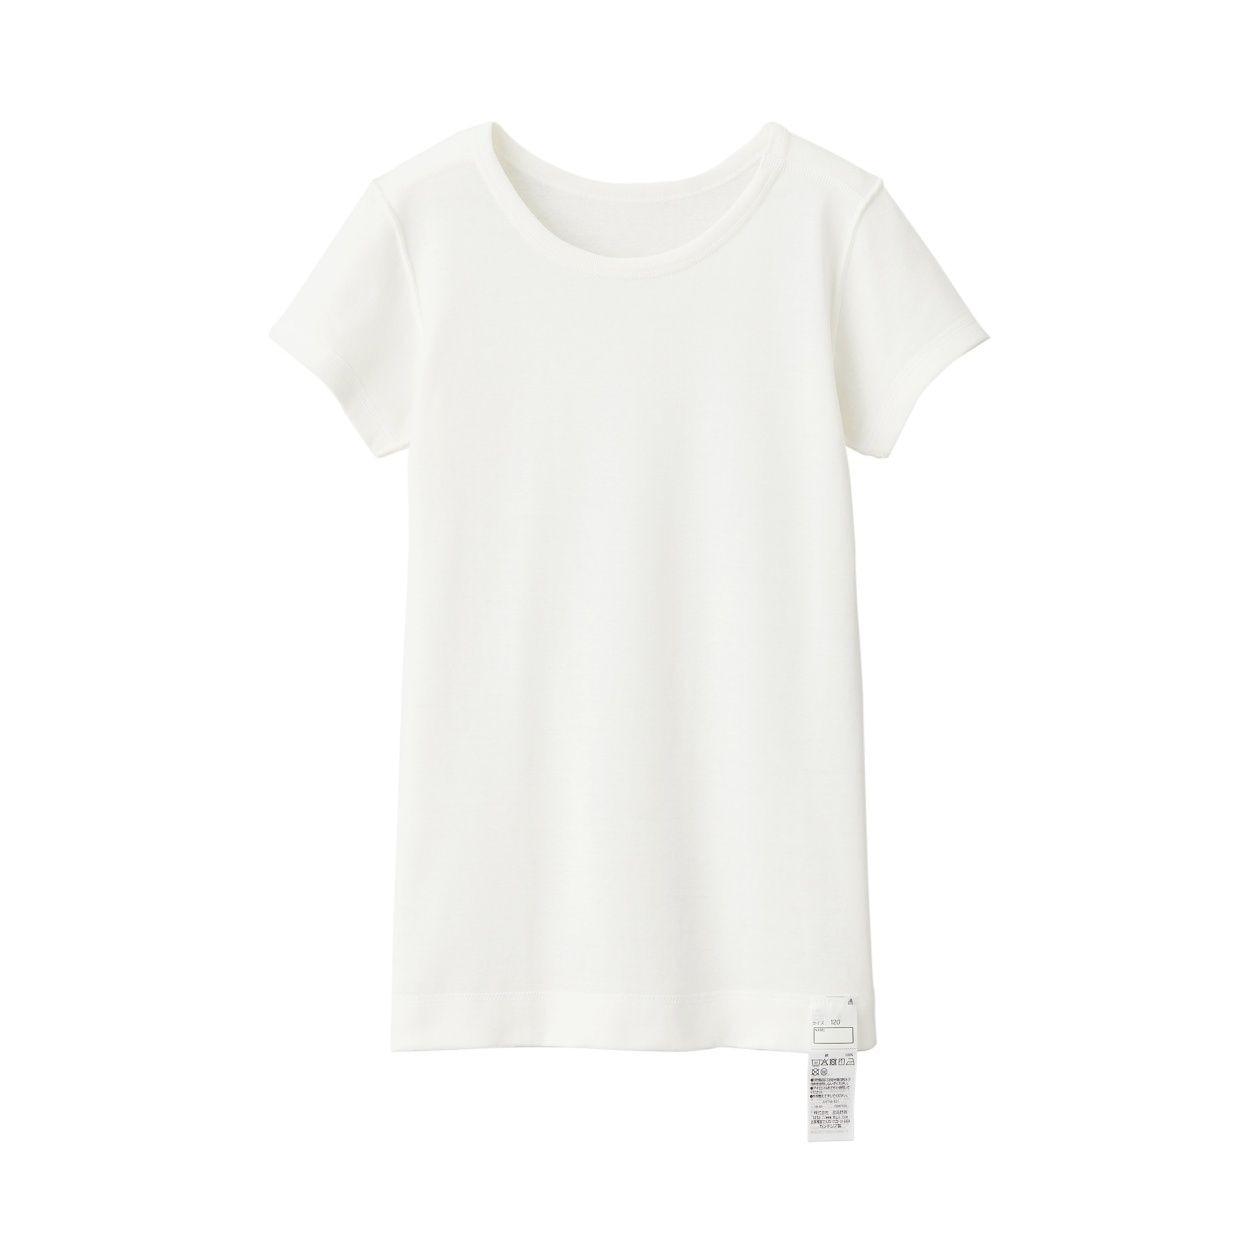 綿であったか肌あたりがやさしい半袖Tシャツ(キッズ)